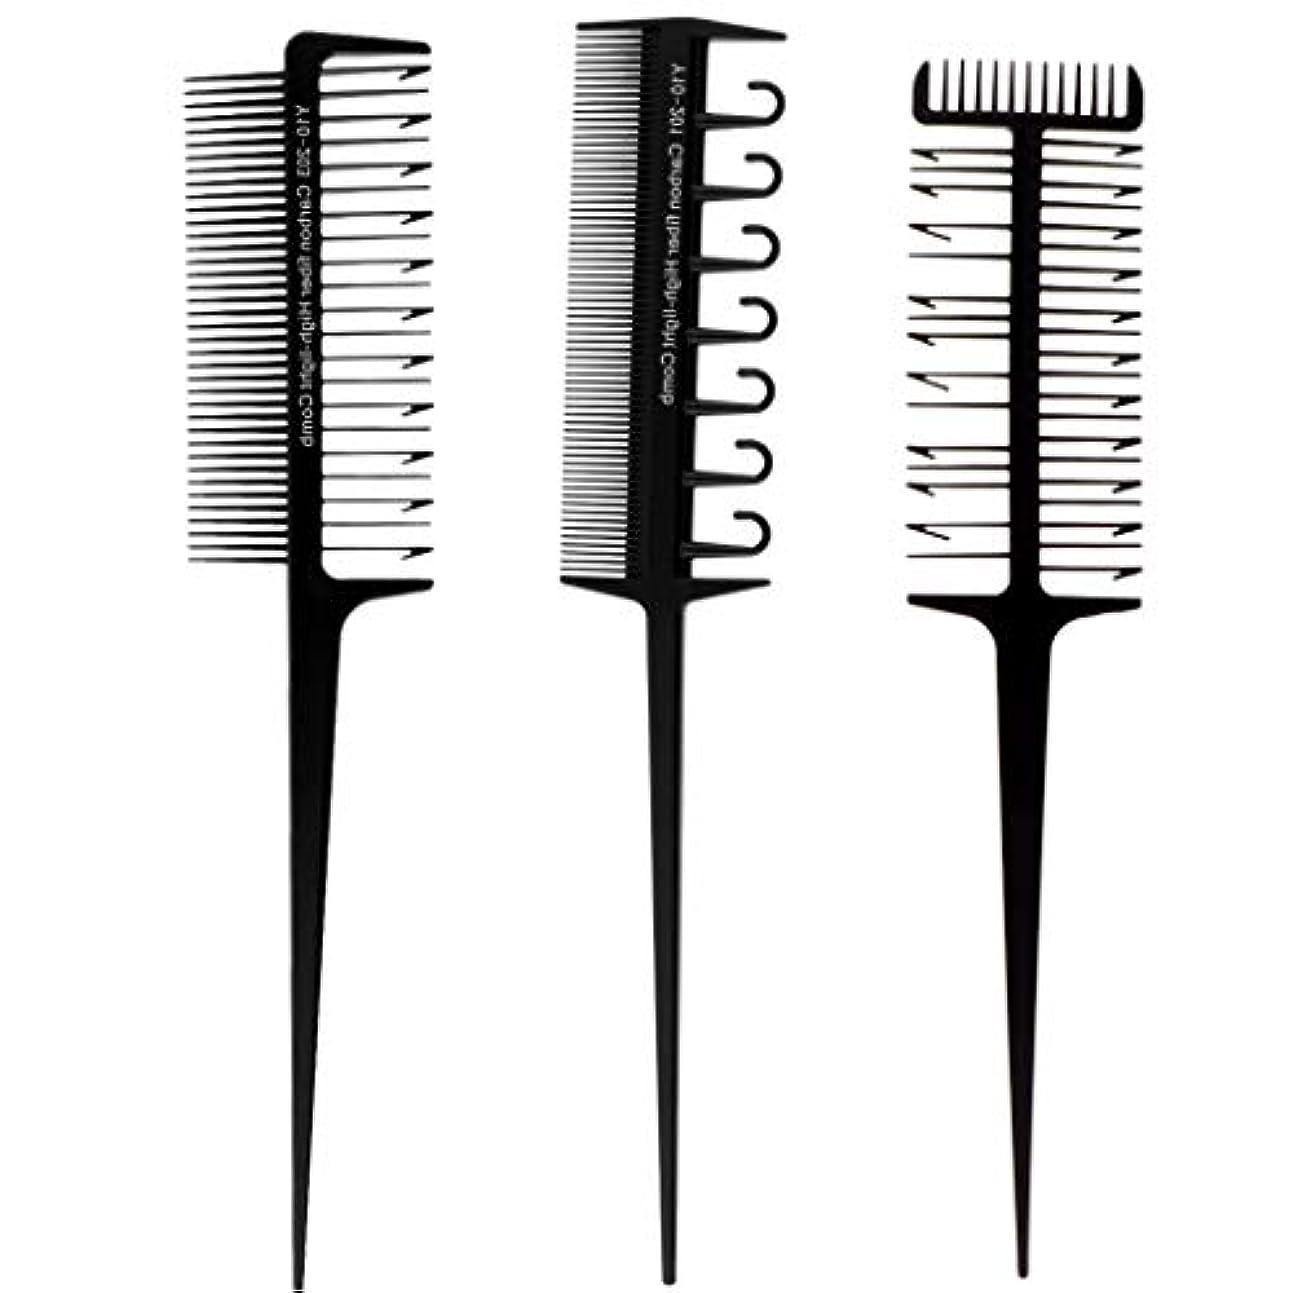 さびたラリー電話するヘアダイブラシ 毛染めコーム 髪染め用ヘアコーム サロン 美髪師用 DIY髪染め用 3本セット